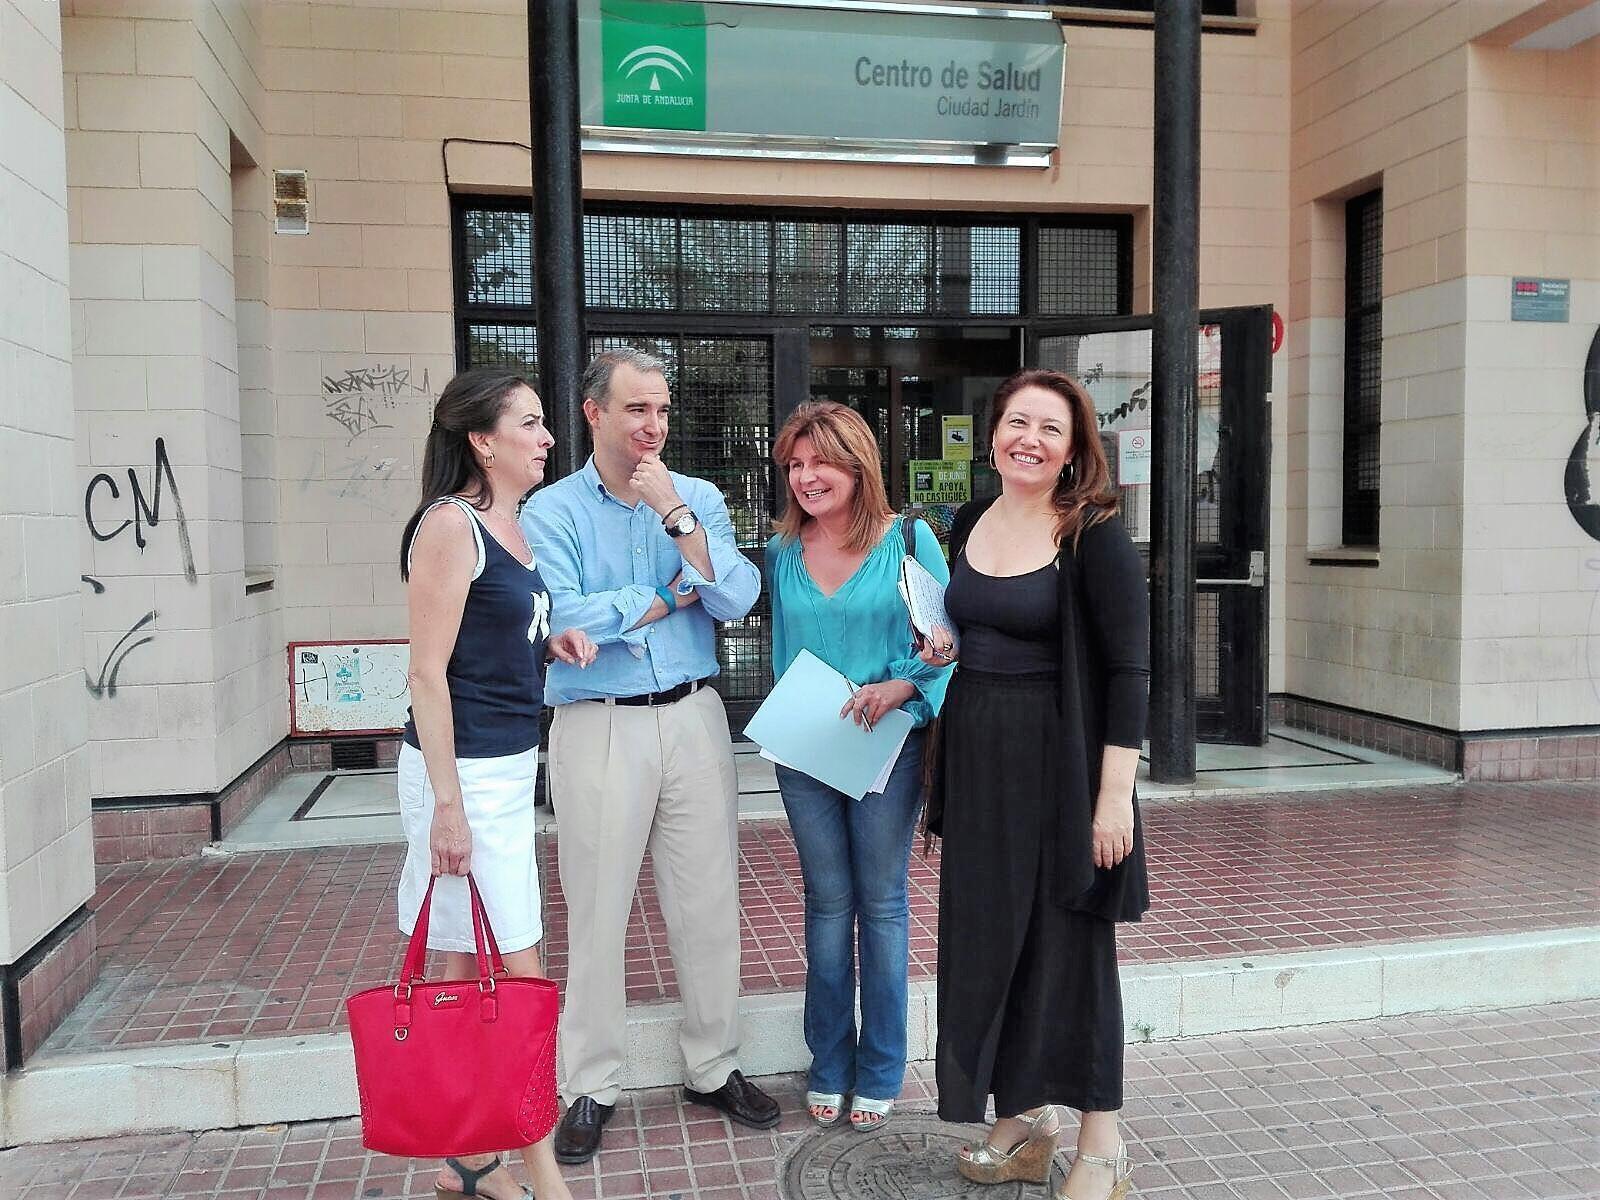 El pp avanza el fracaso del plan verano del sas for Centro de salud ciudad jardin